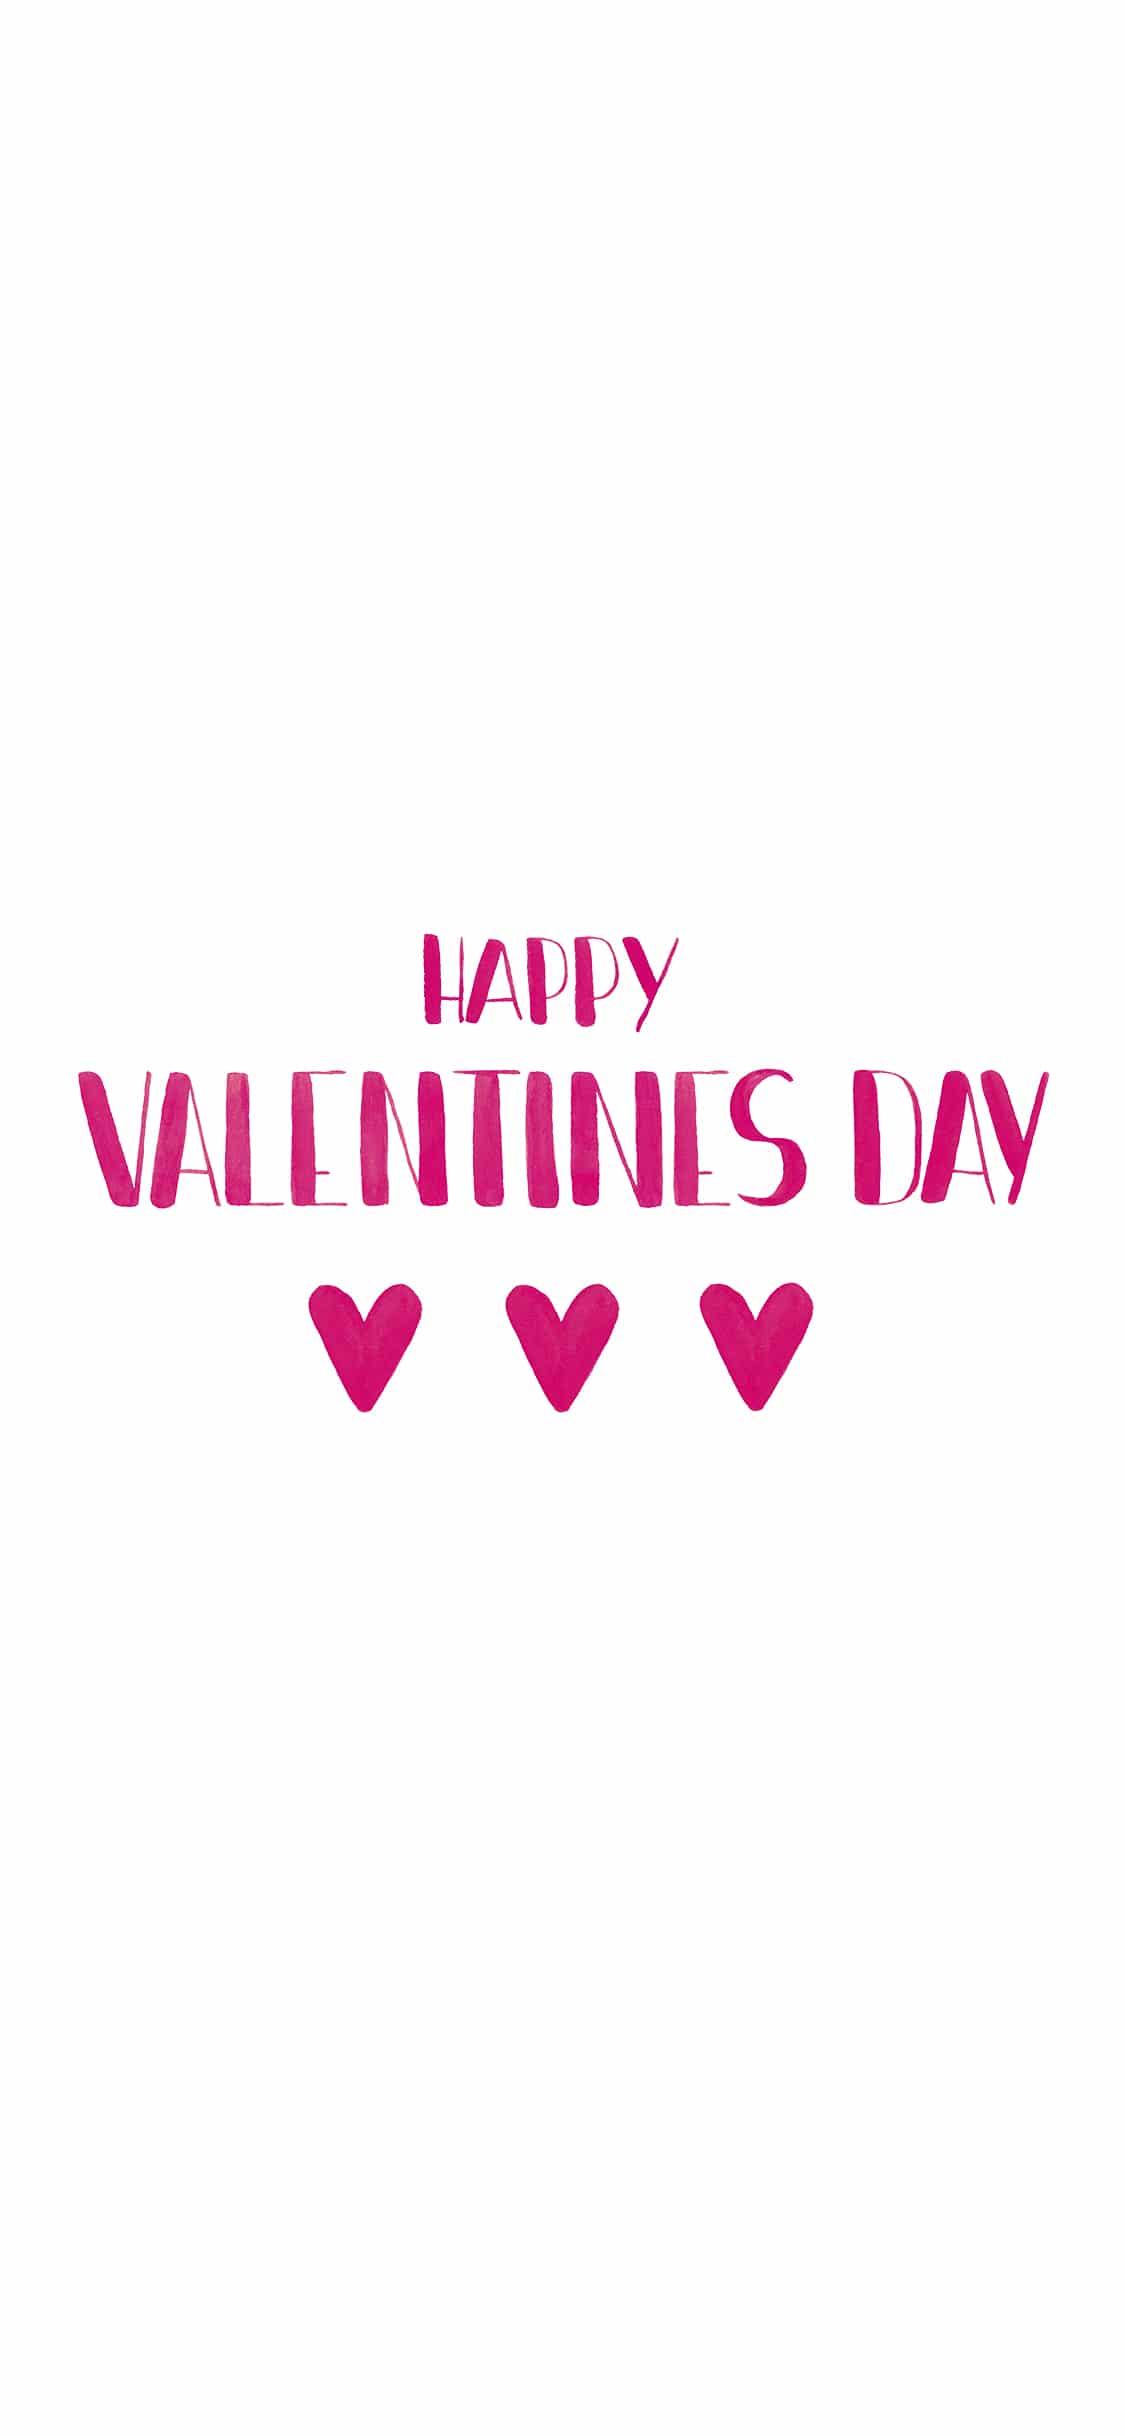 Lettering Happy Valentines Day Wallpaper von MrsBerry